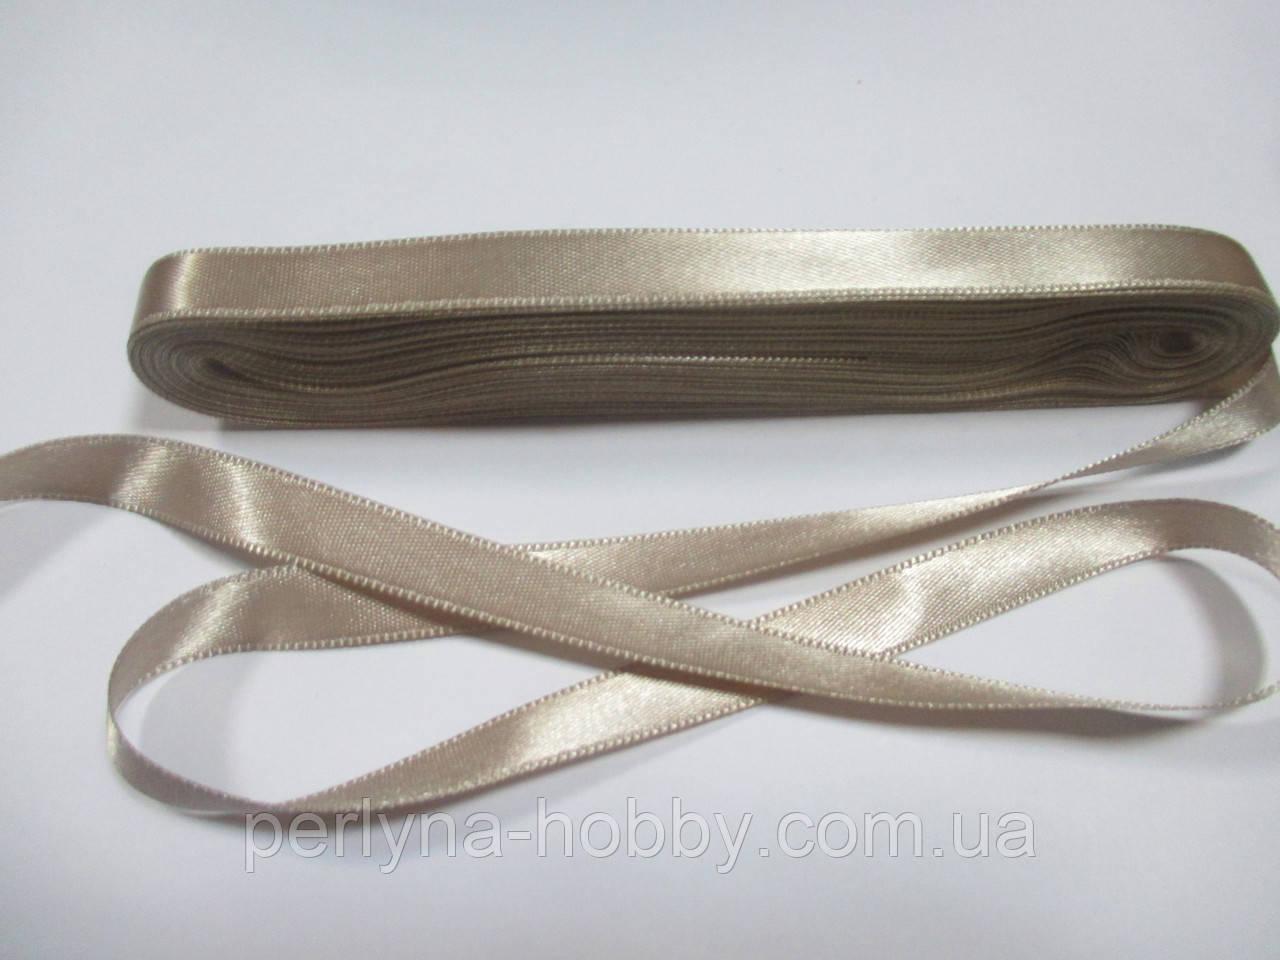 Стрічка атласна  двостороння 1 см. (10 метрів)  бежевий Н-06